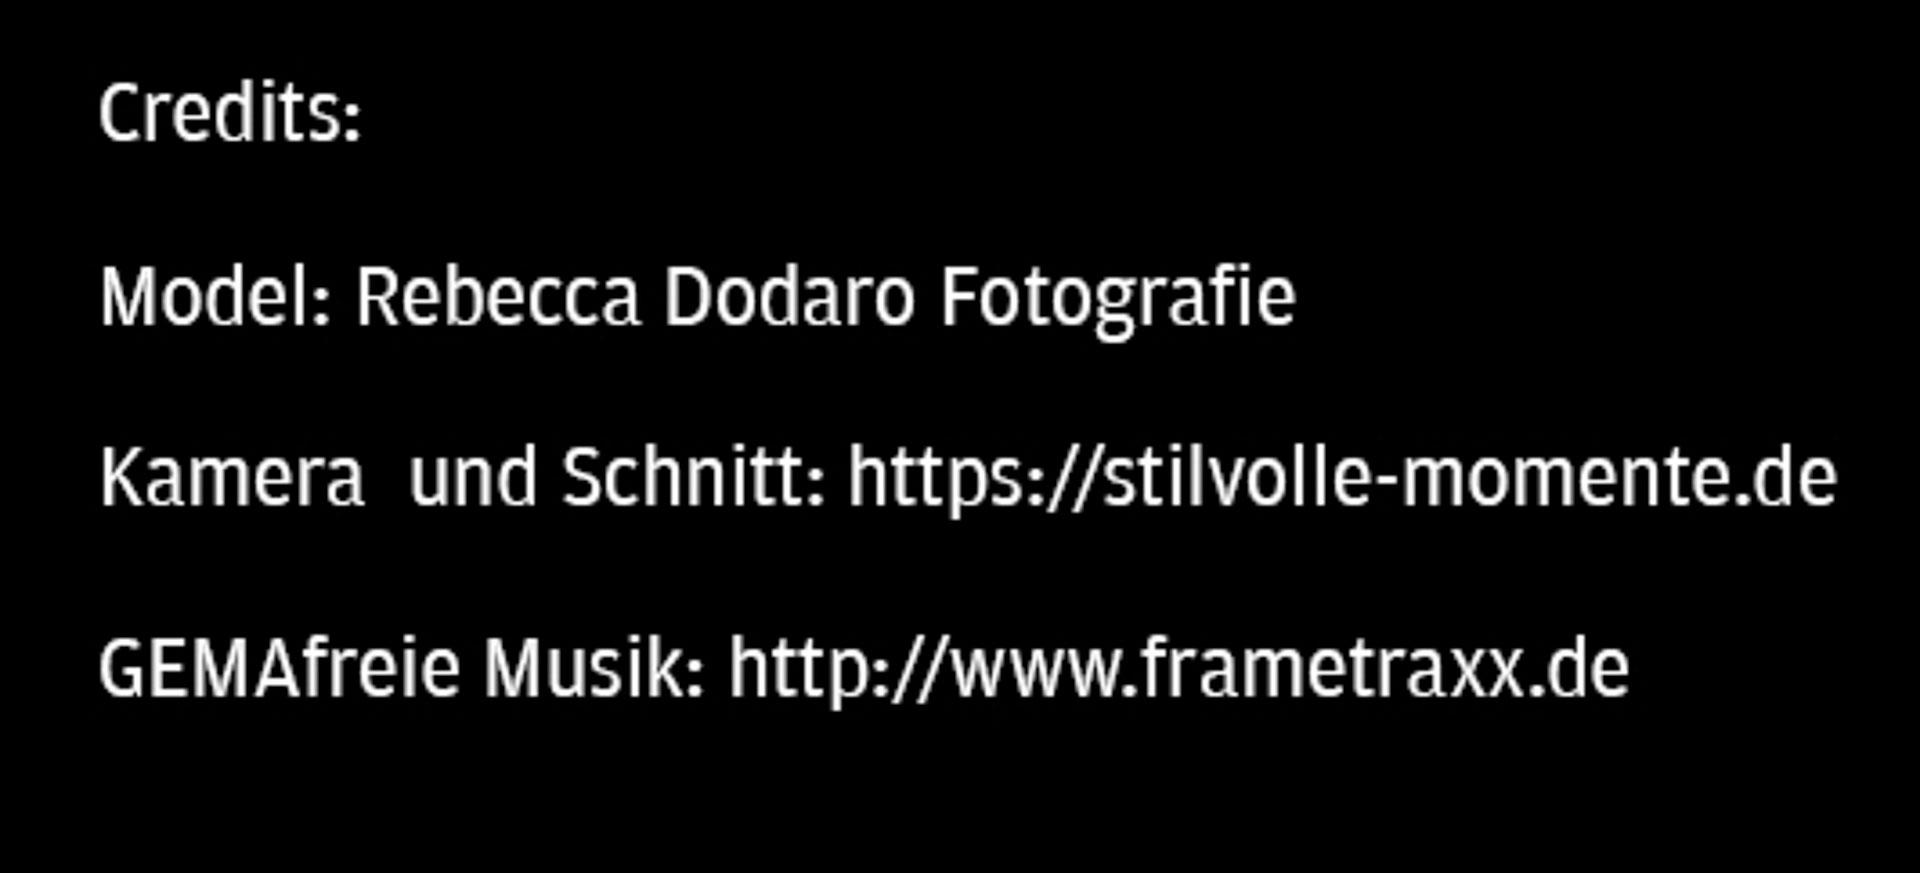 Fotobox Weinheim - Credits Movie